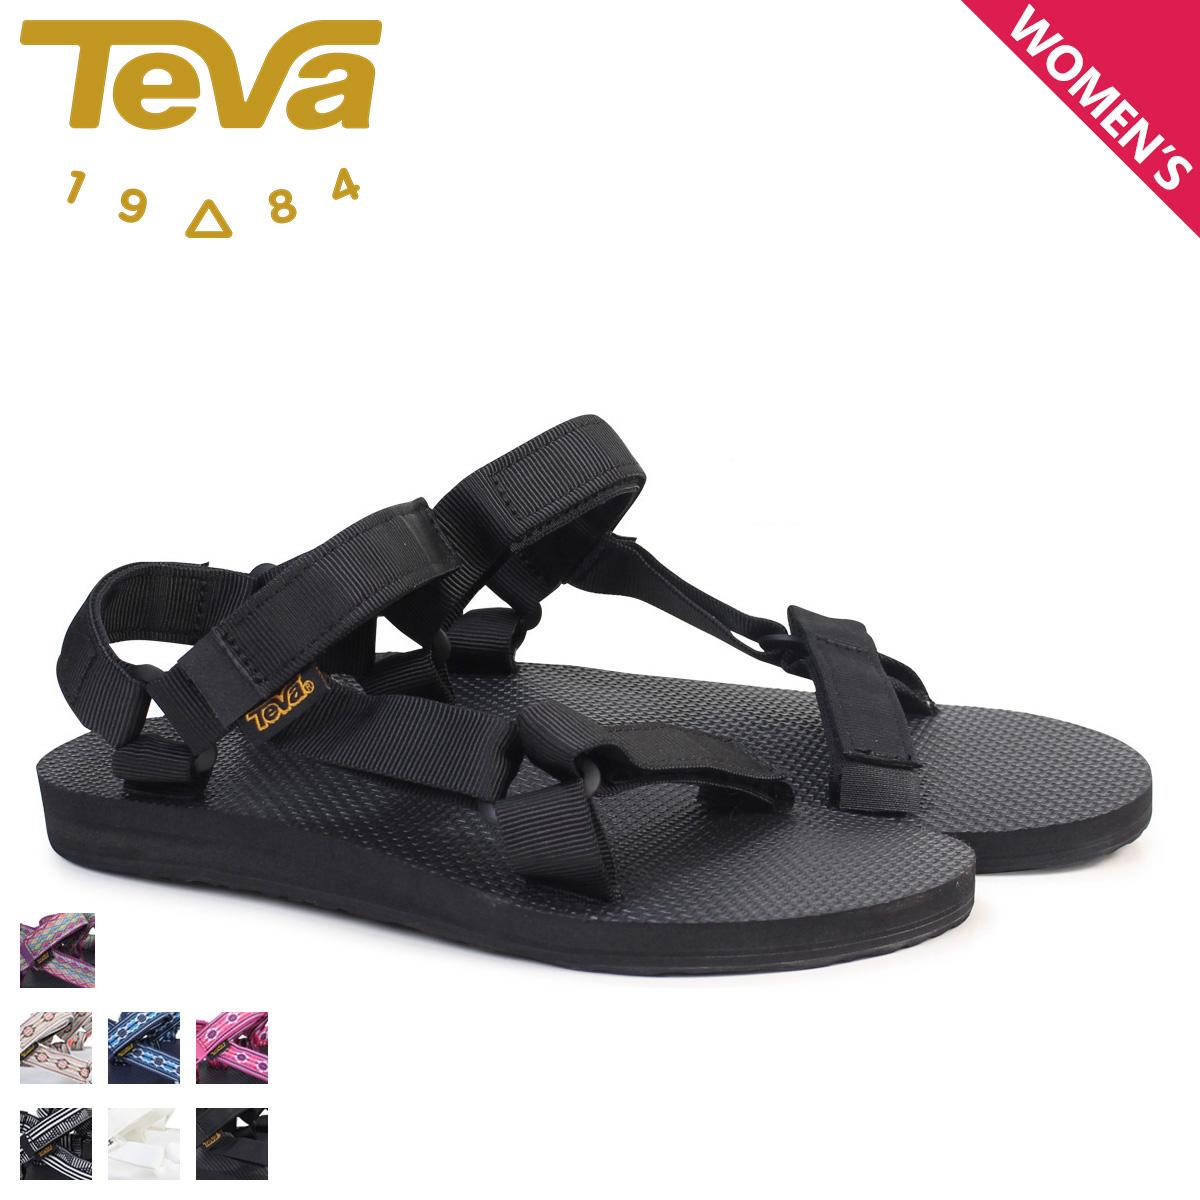 2d4e31f98e6 Teva Sugar Online Shop  Teva Teva Sandals Women s original universal W ..